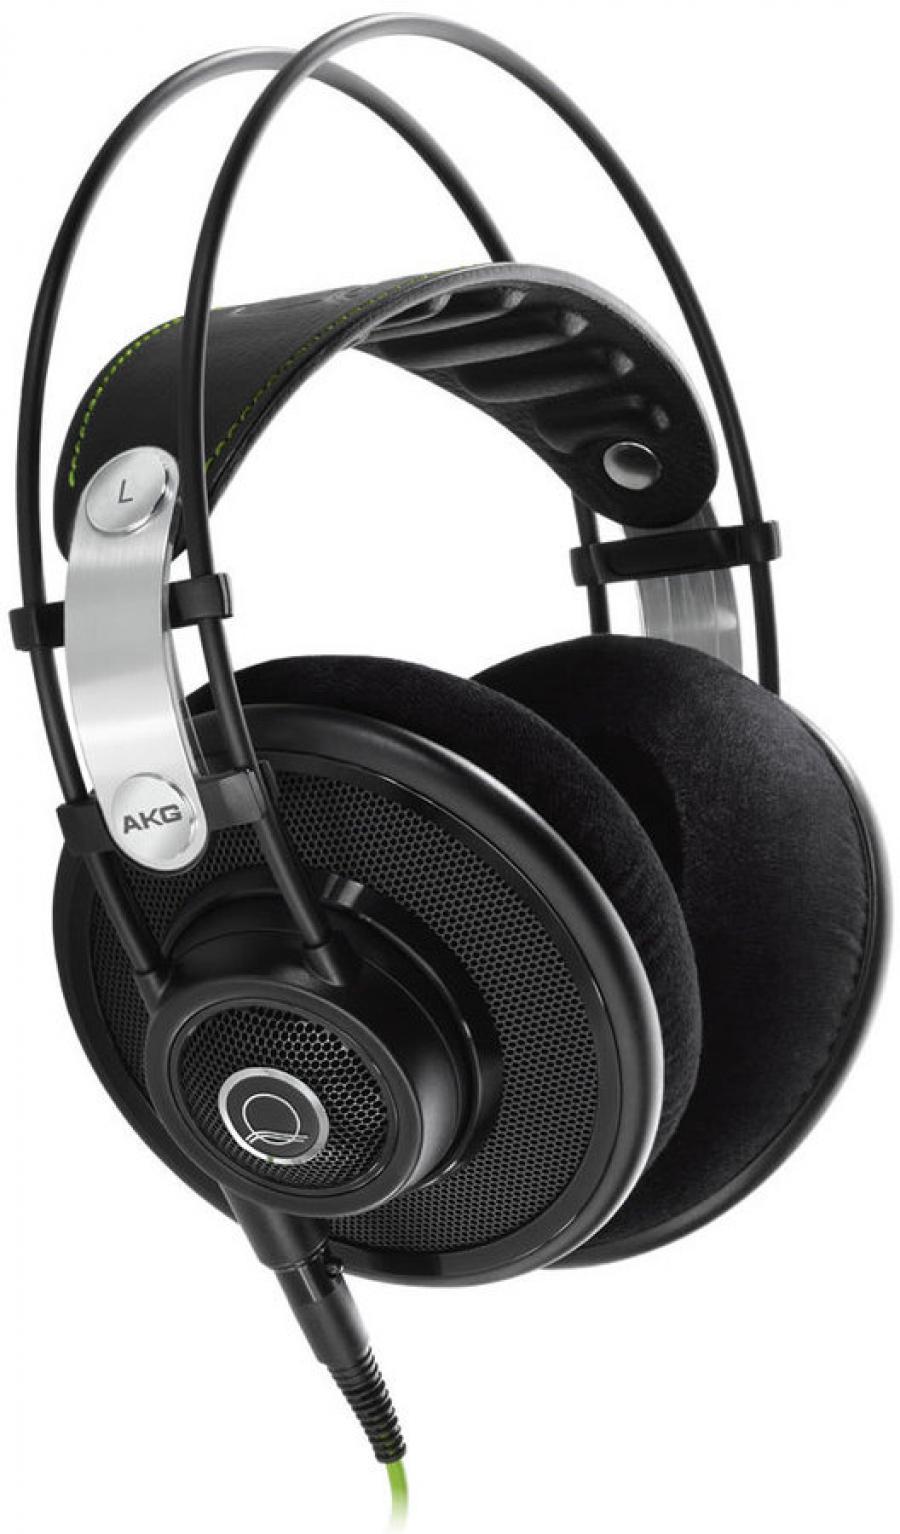 Casque audio AKG Q701 - Noir